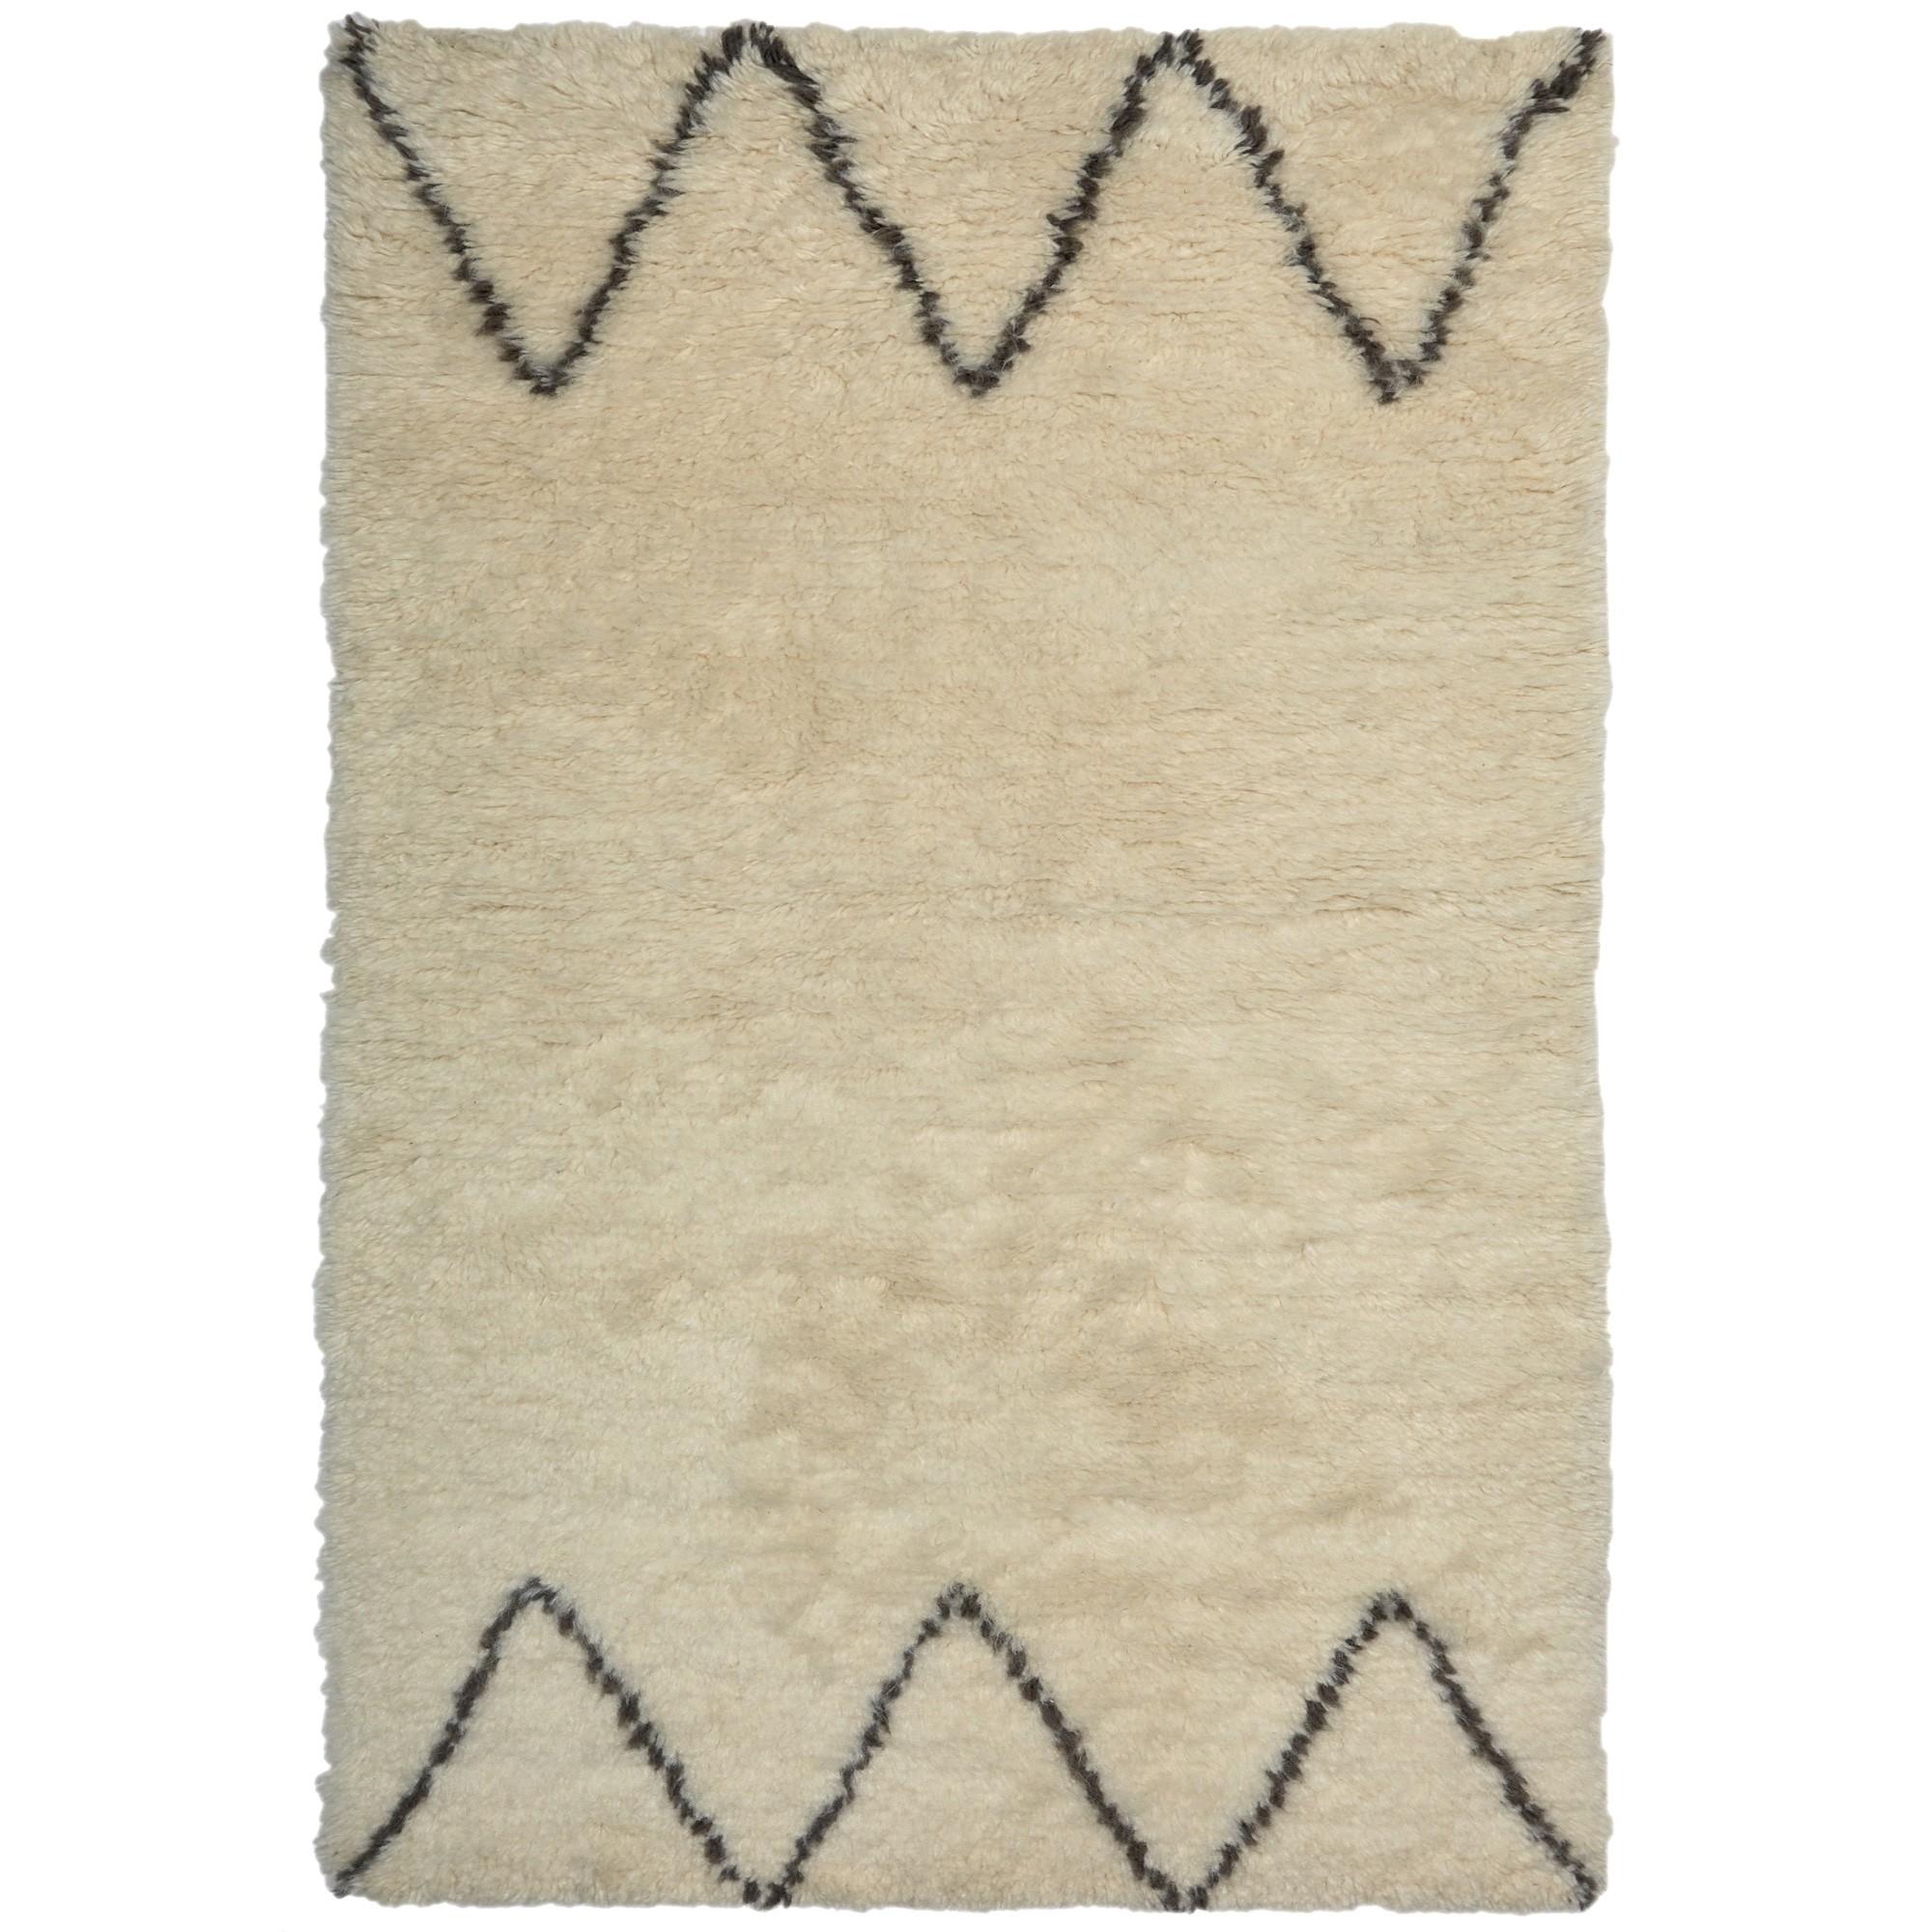 Casablanca No.001 New Zealand Wool Shag Rug, 140x70cm